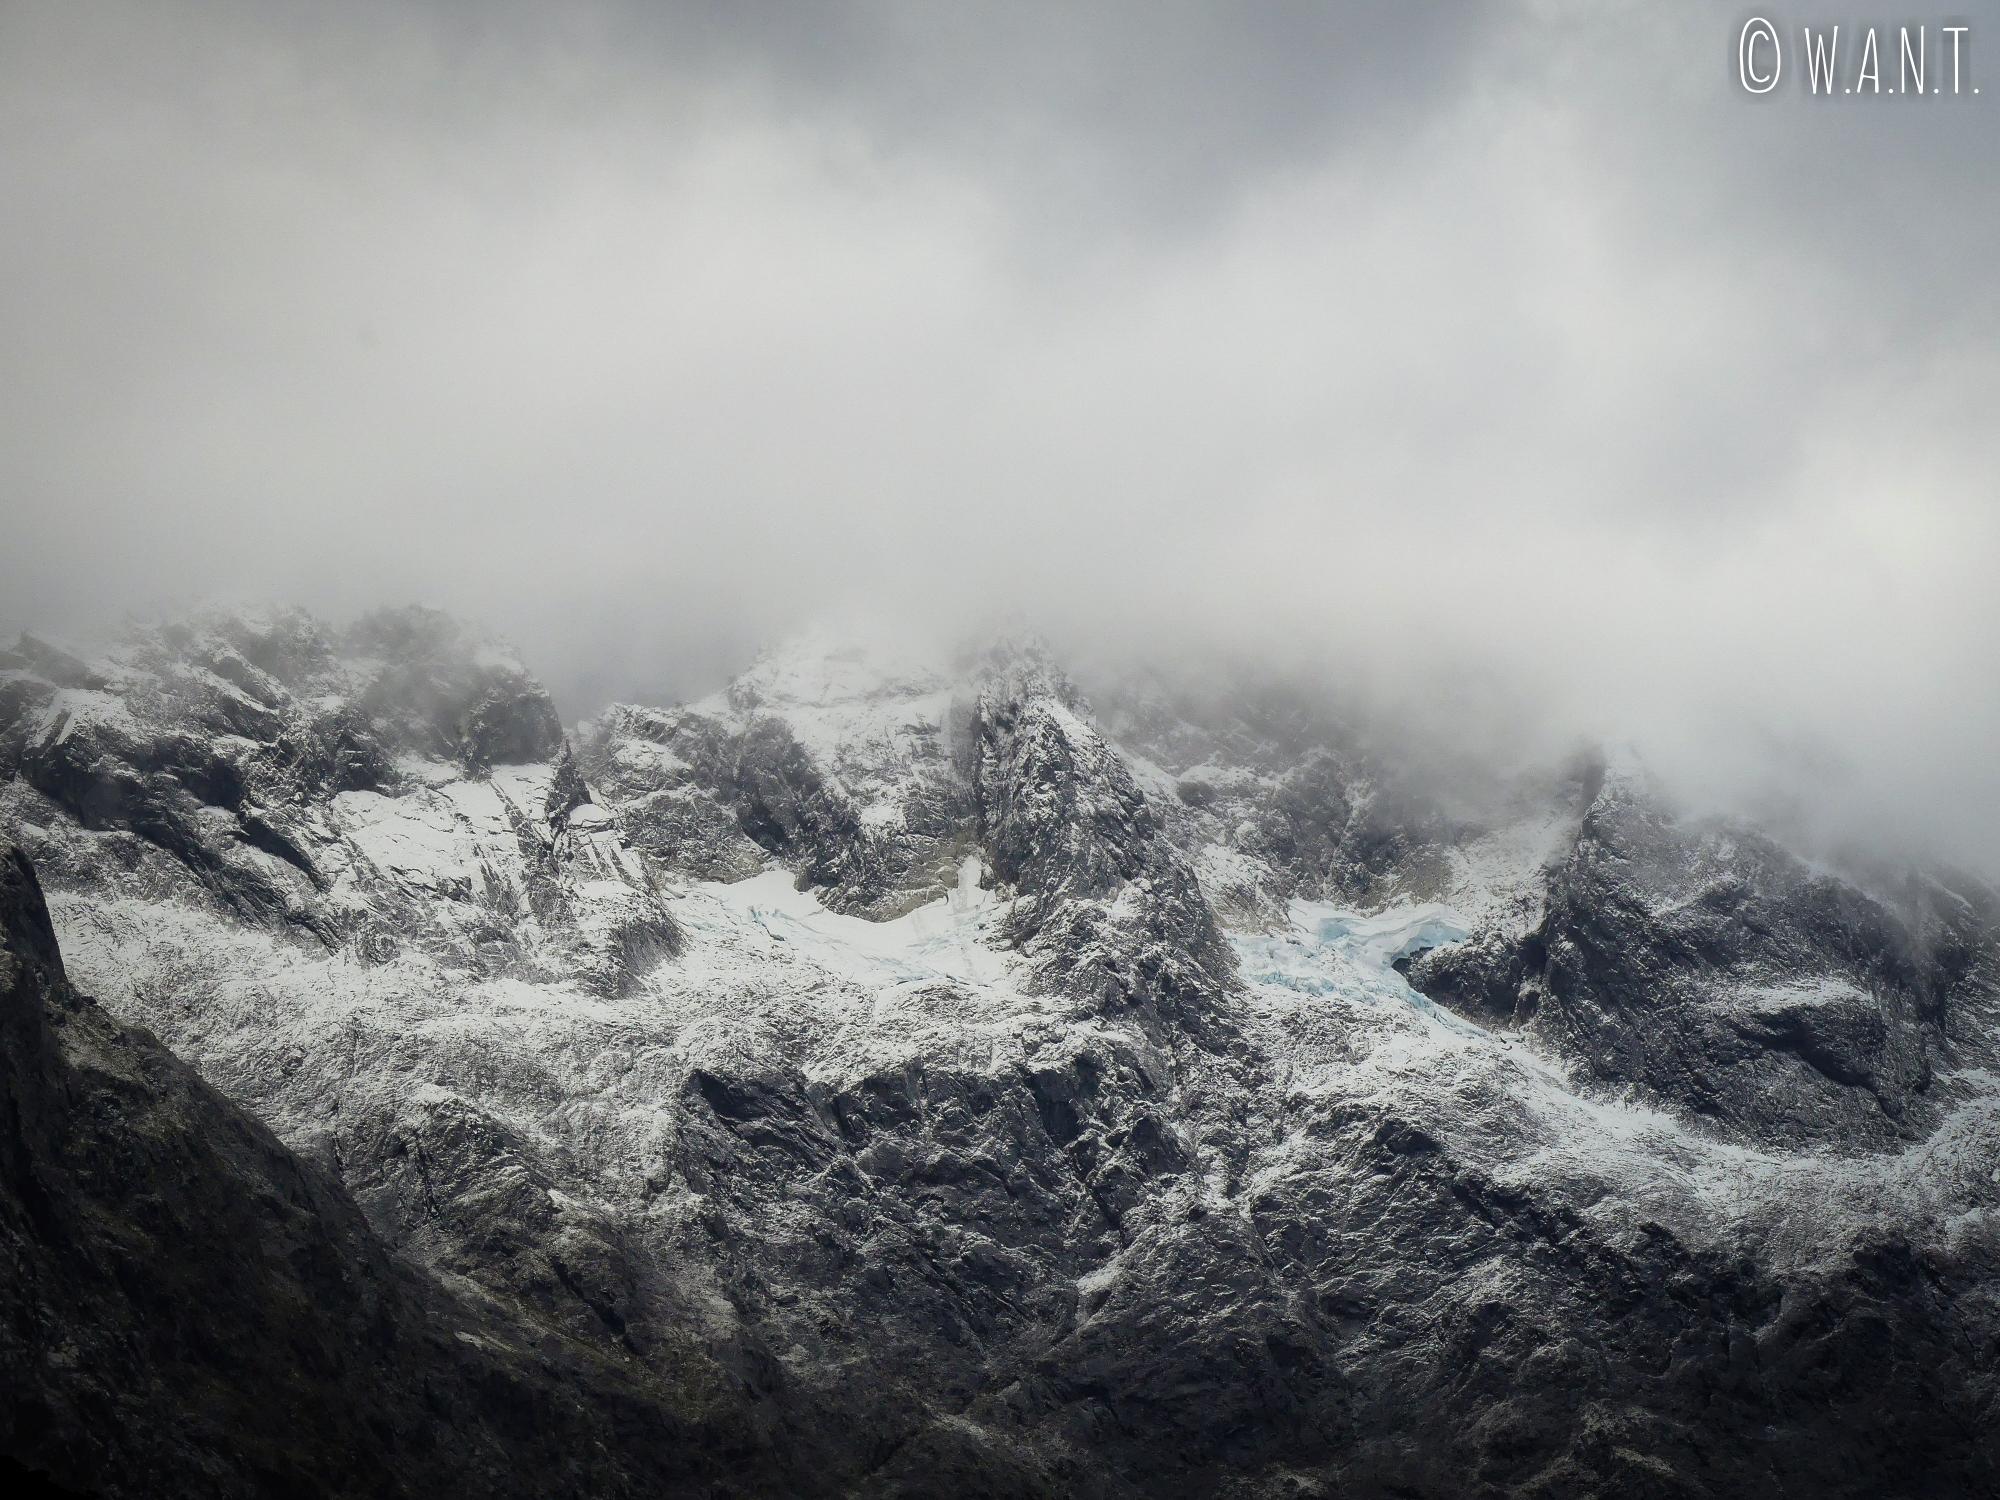 Paysage brumeux le long de la route menant au Milford Sound en Nouvelle-Zélande